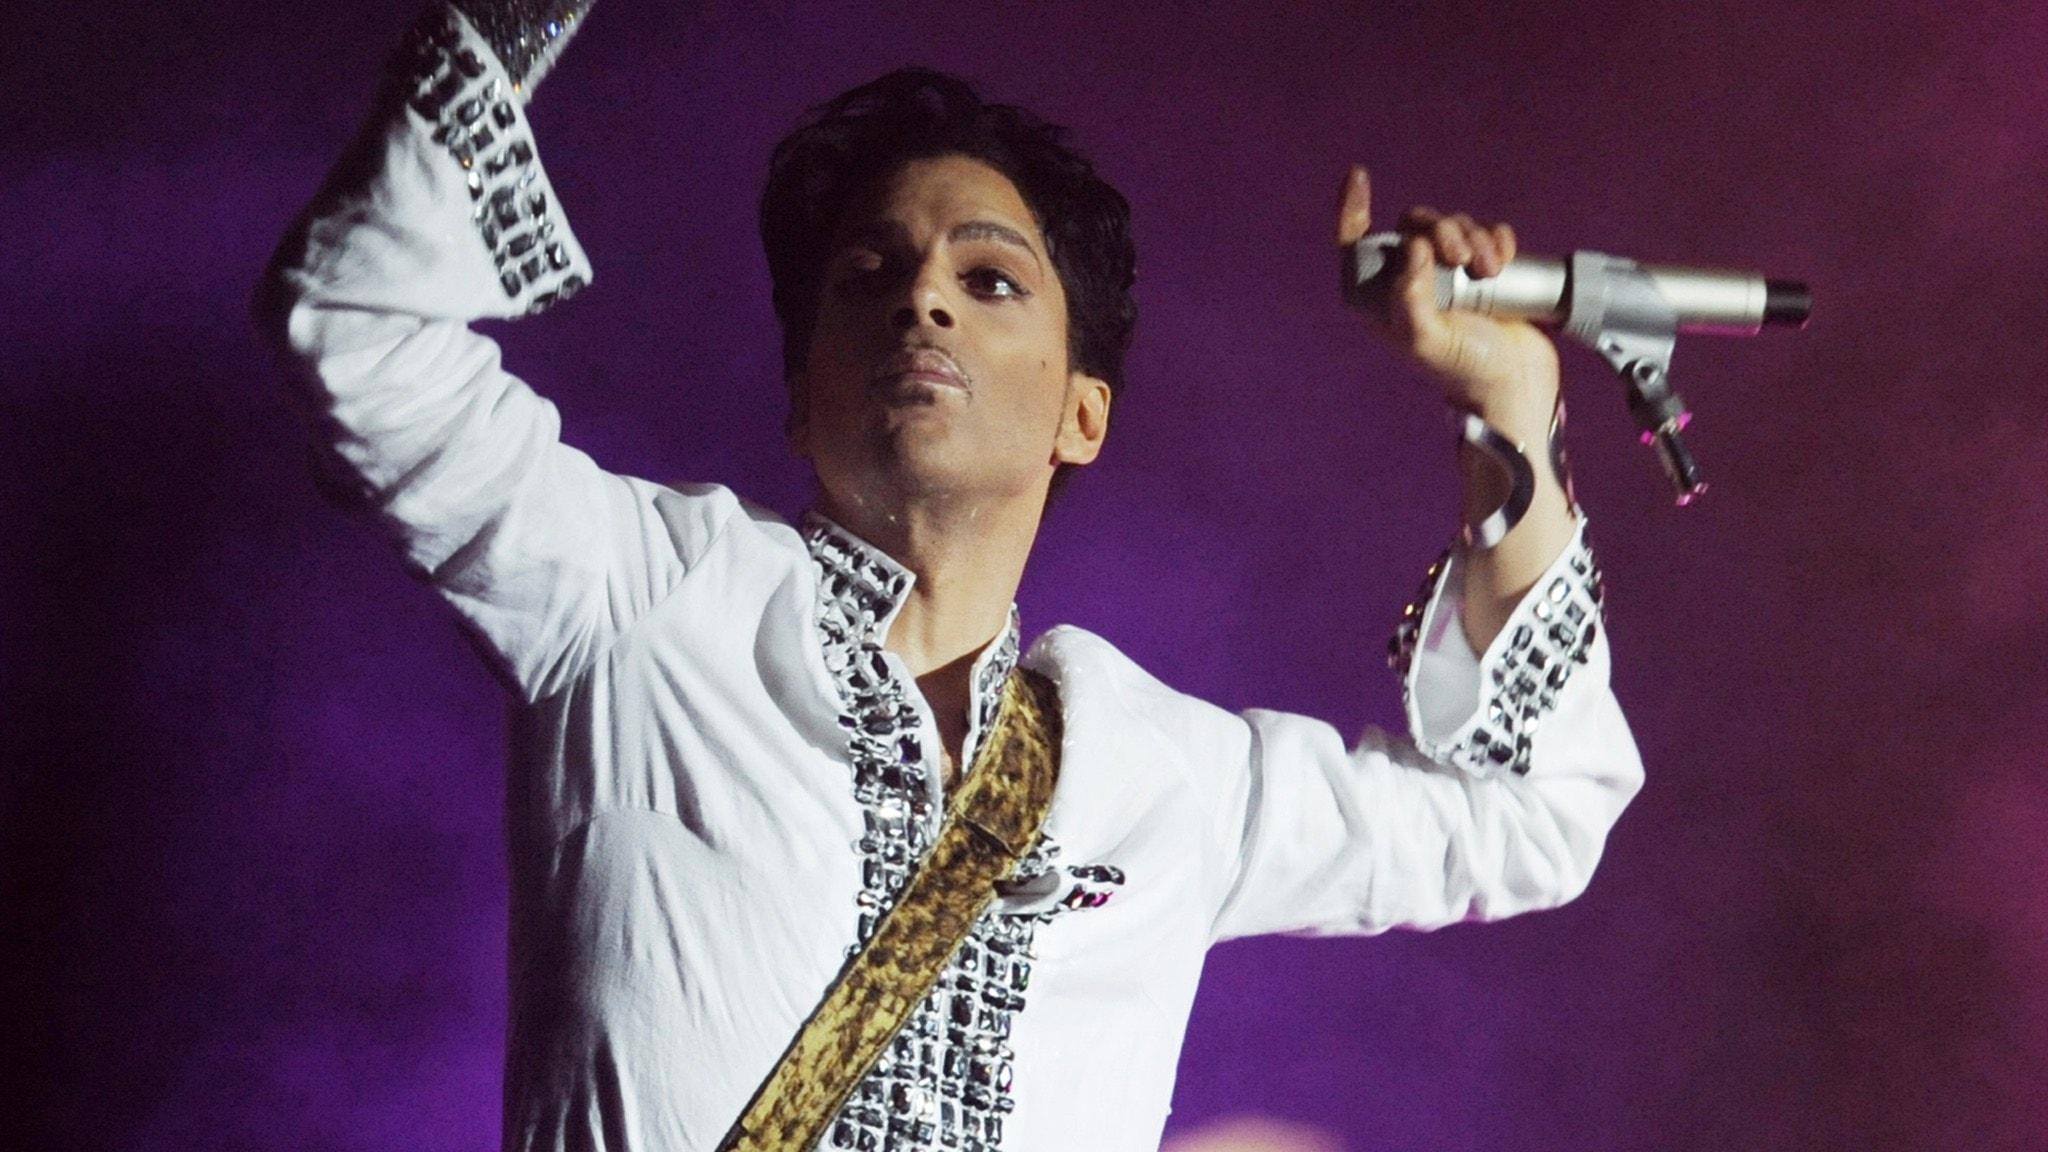 RIP Prince och livemusik med Ison & Fille